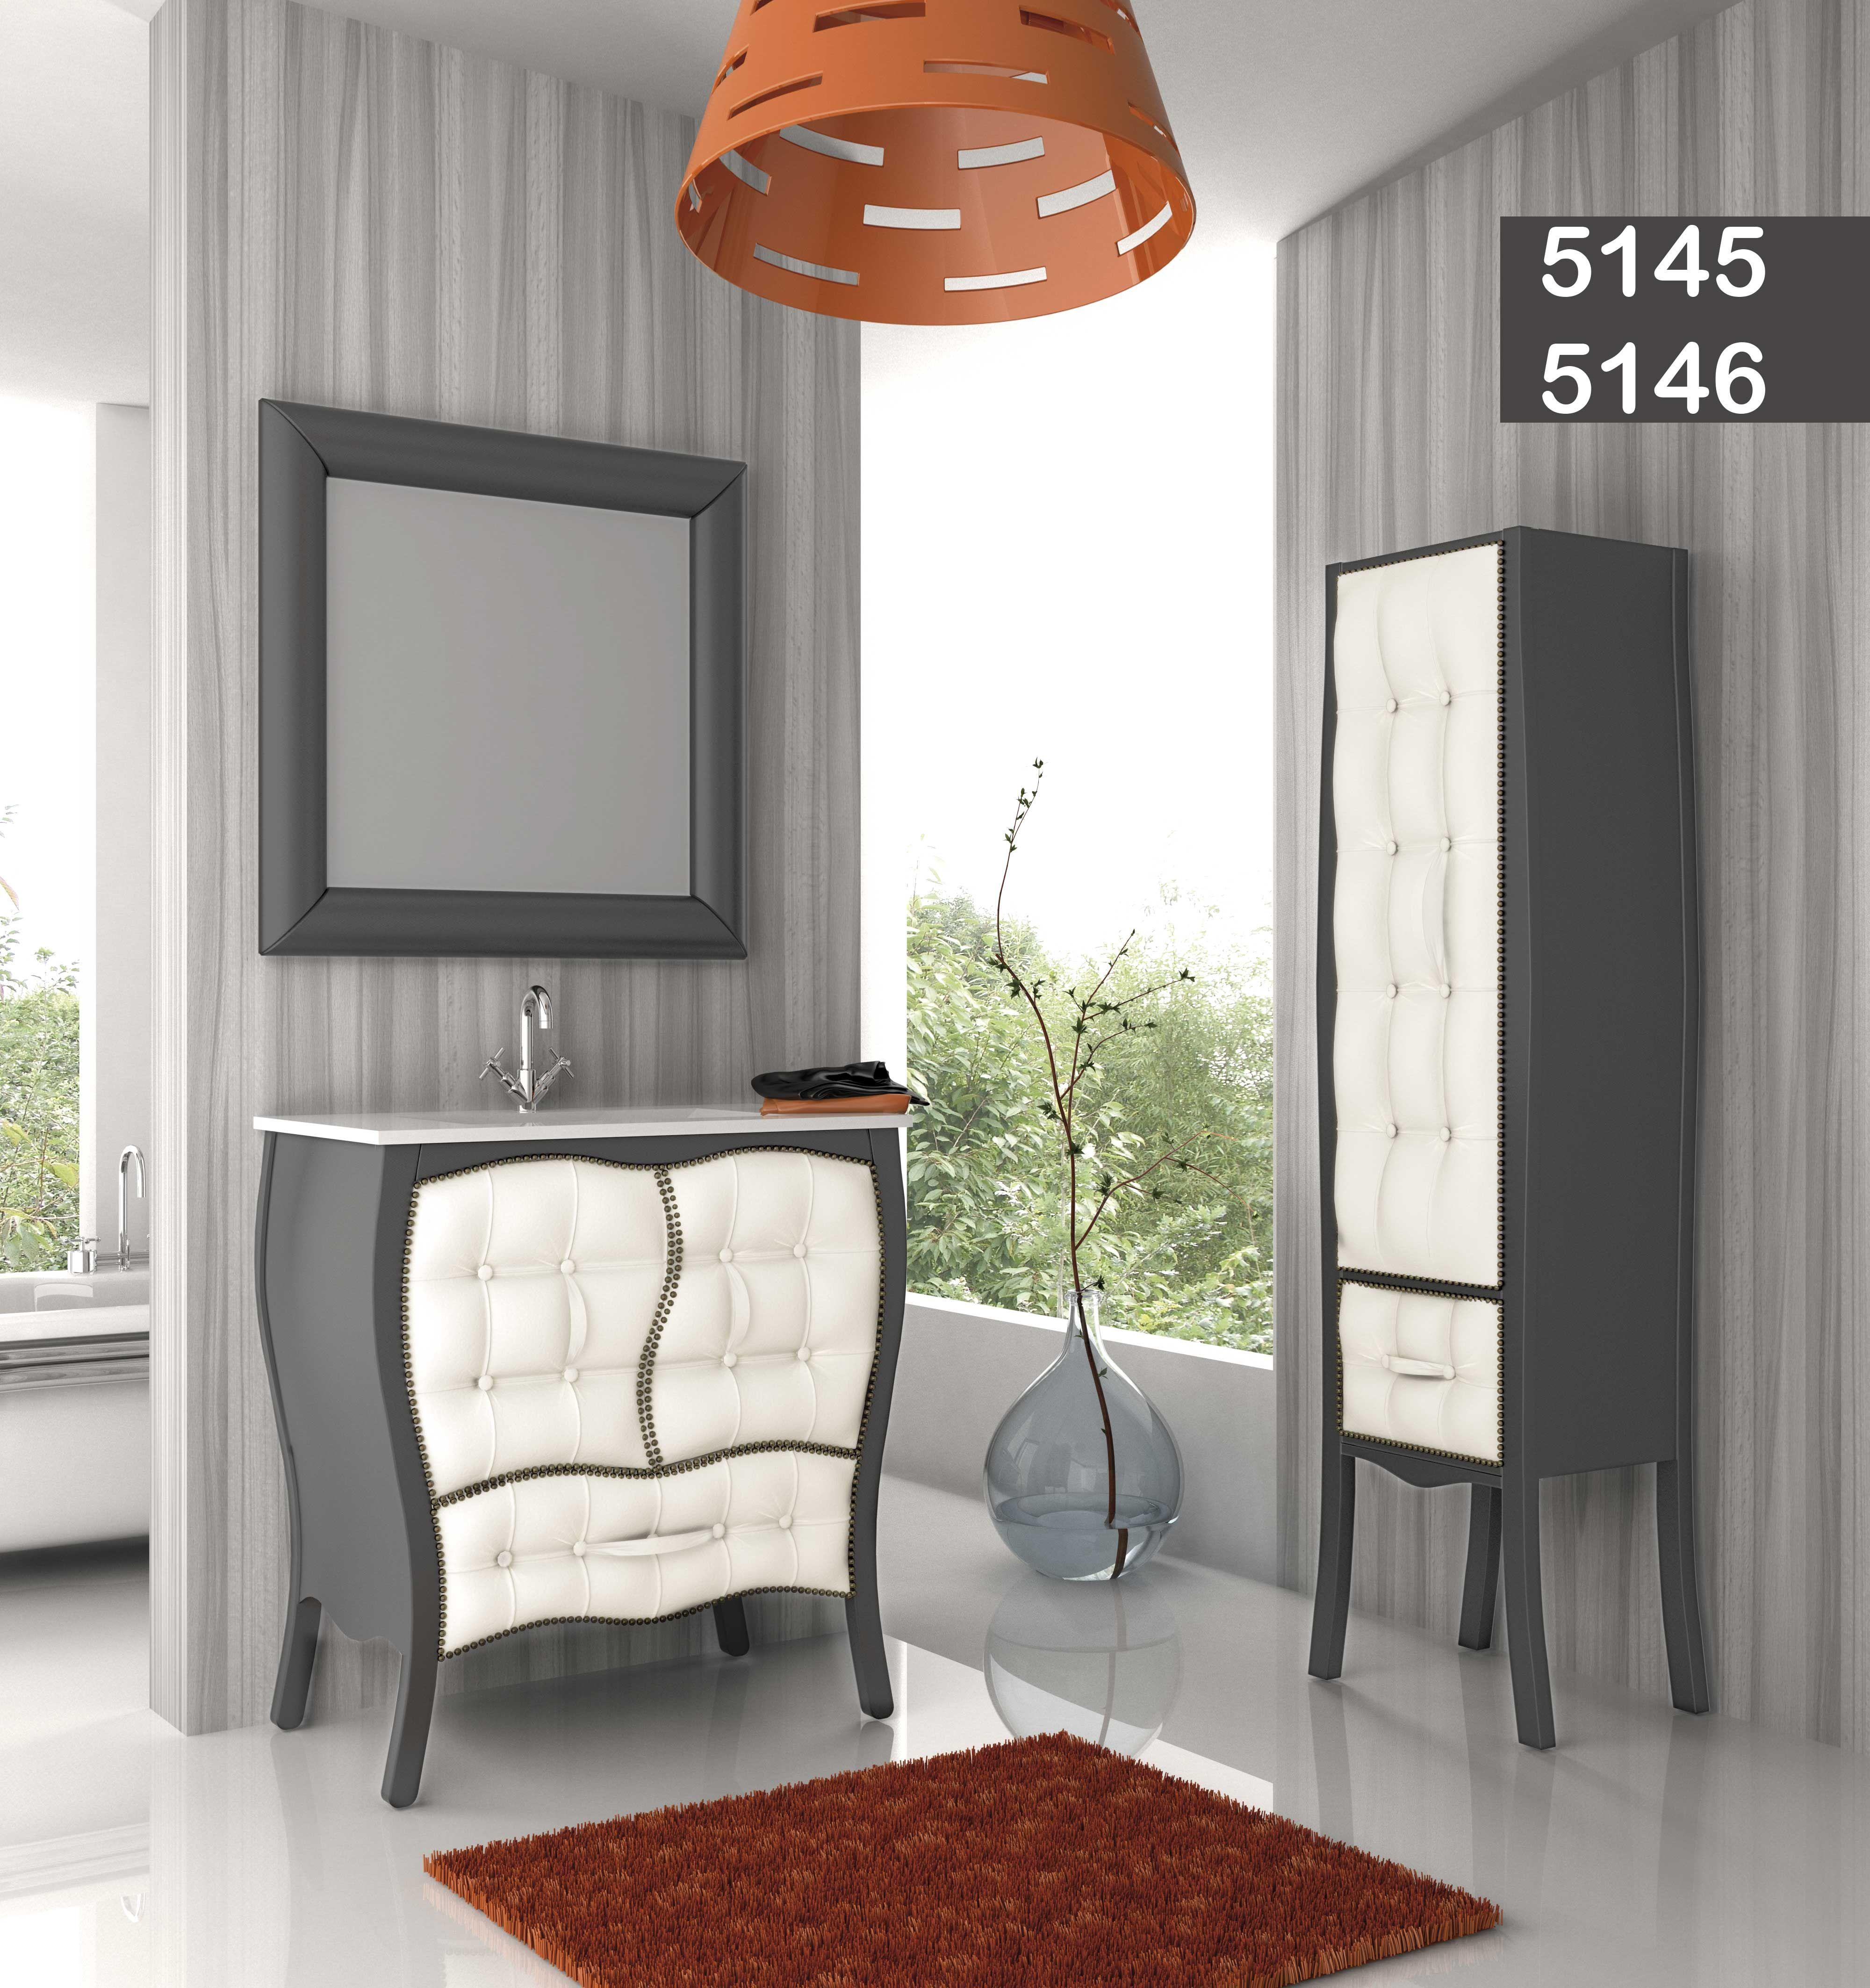 Muebles de baño de madera, a medida y de gran calidad